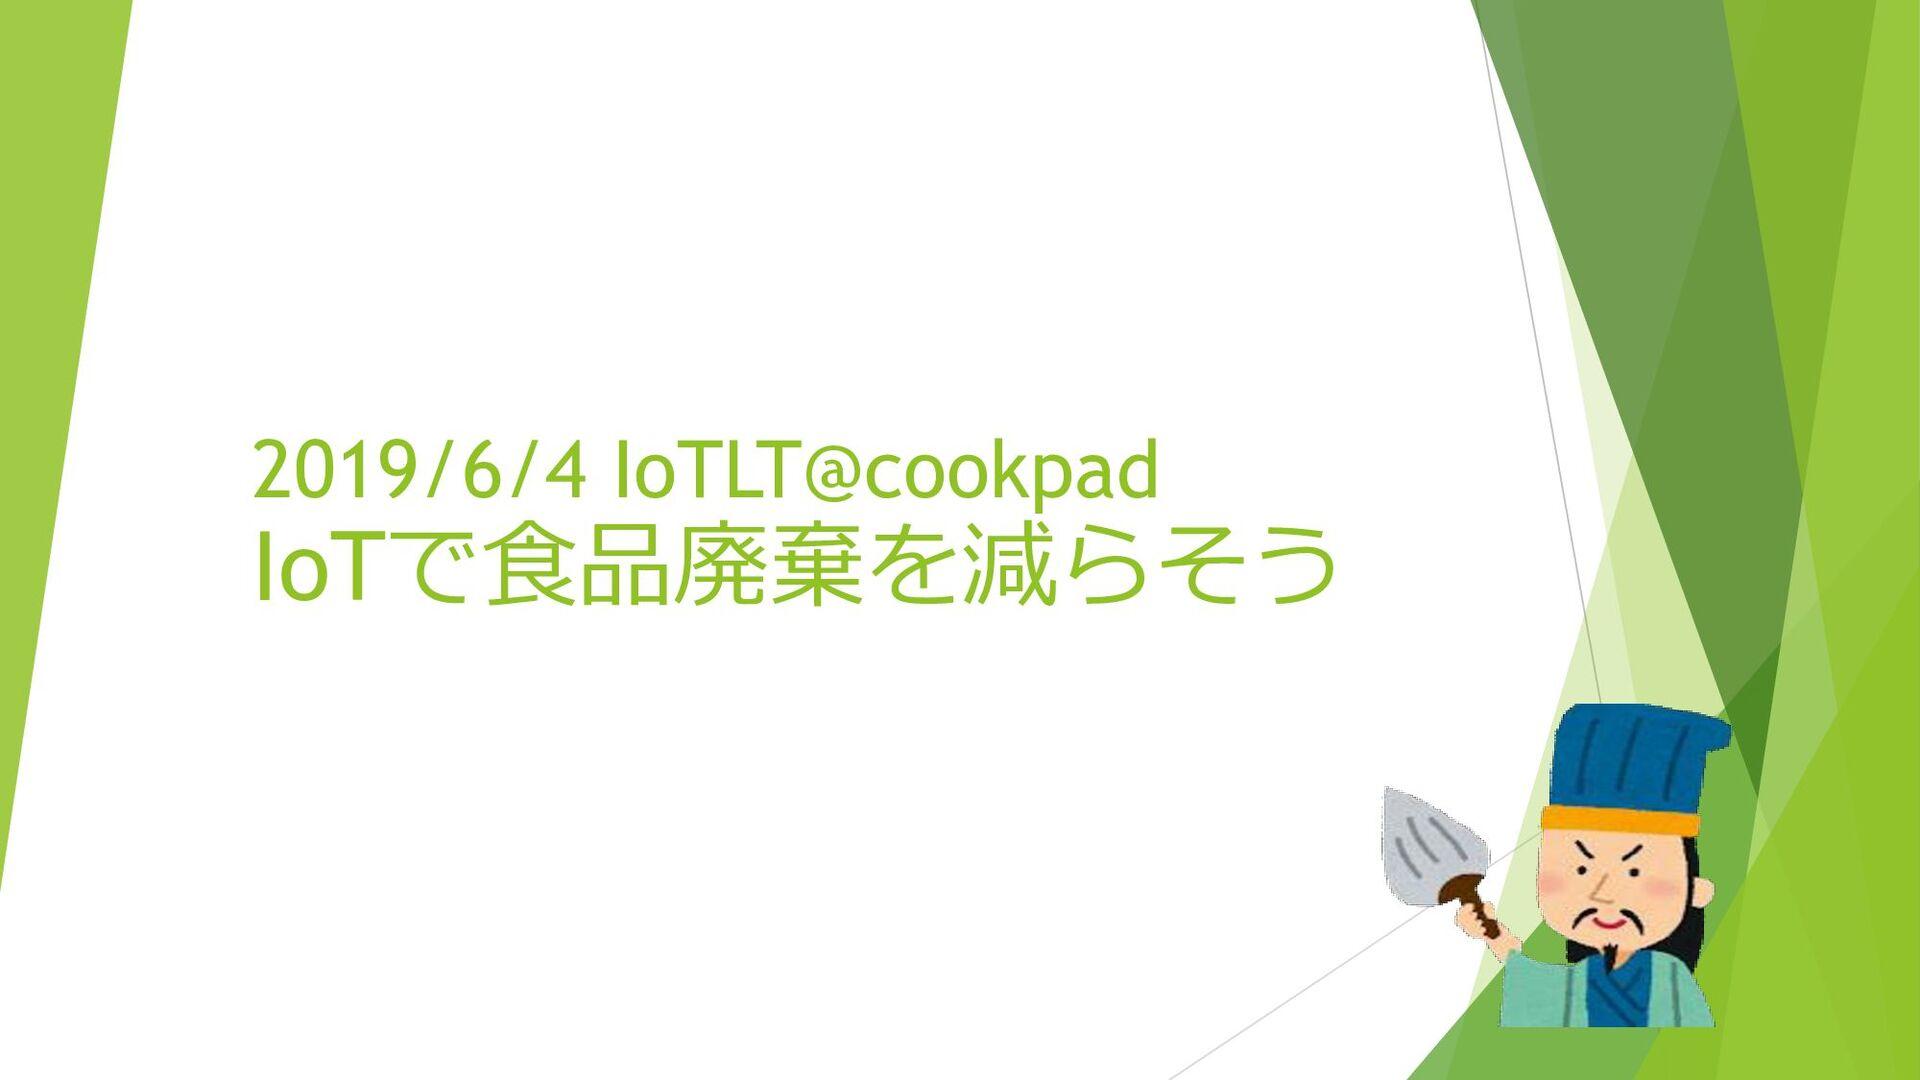 2019/6/4 IoTLT@cookpad IoTで食品廃棄を減らそう 新井孔明